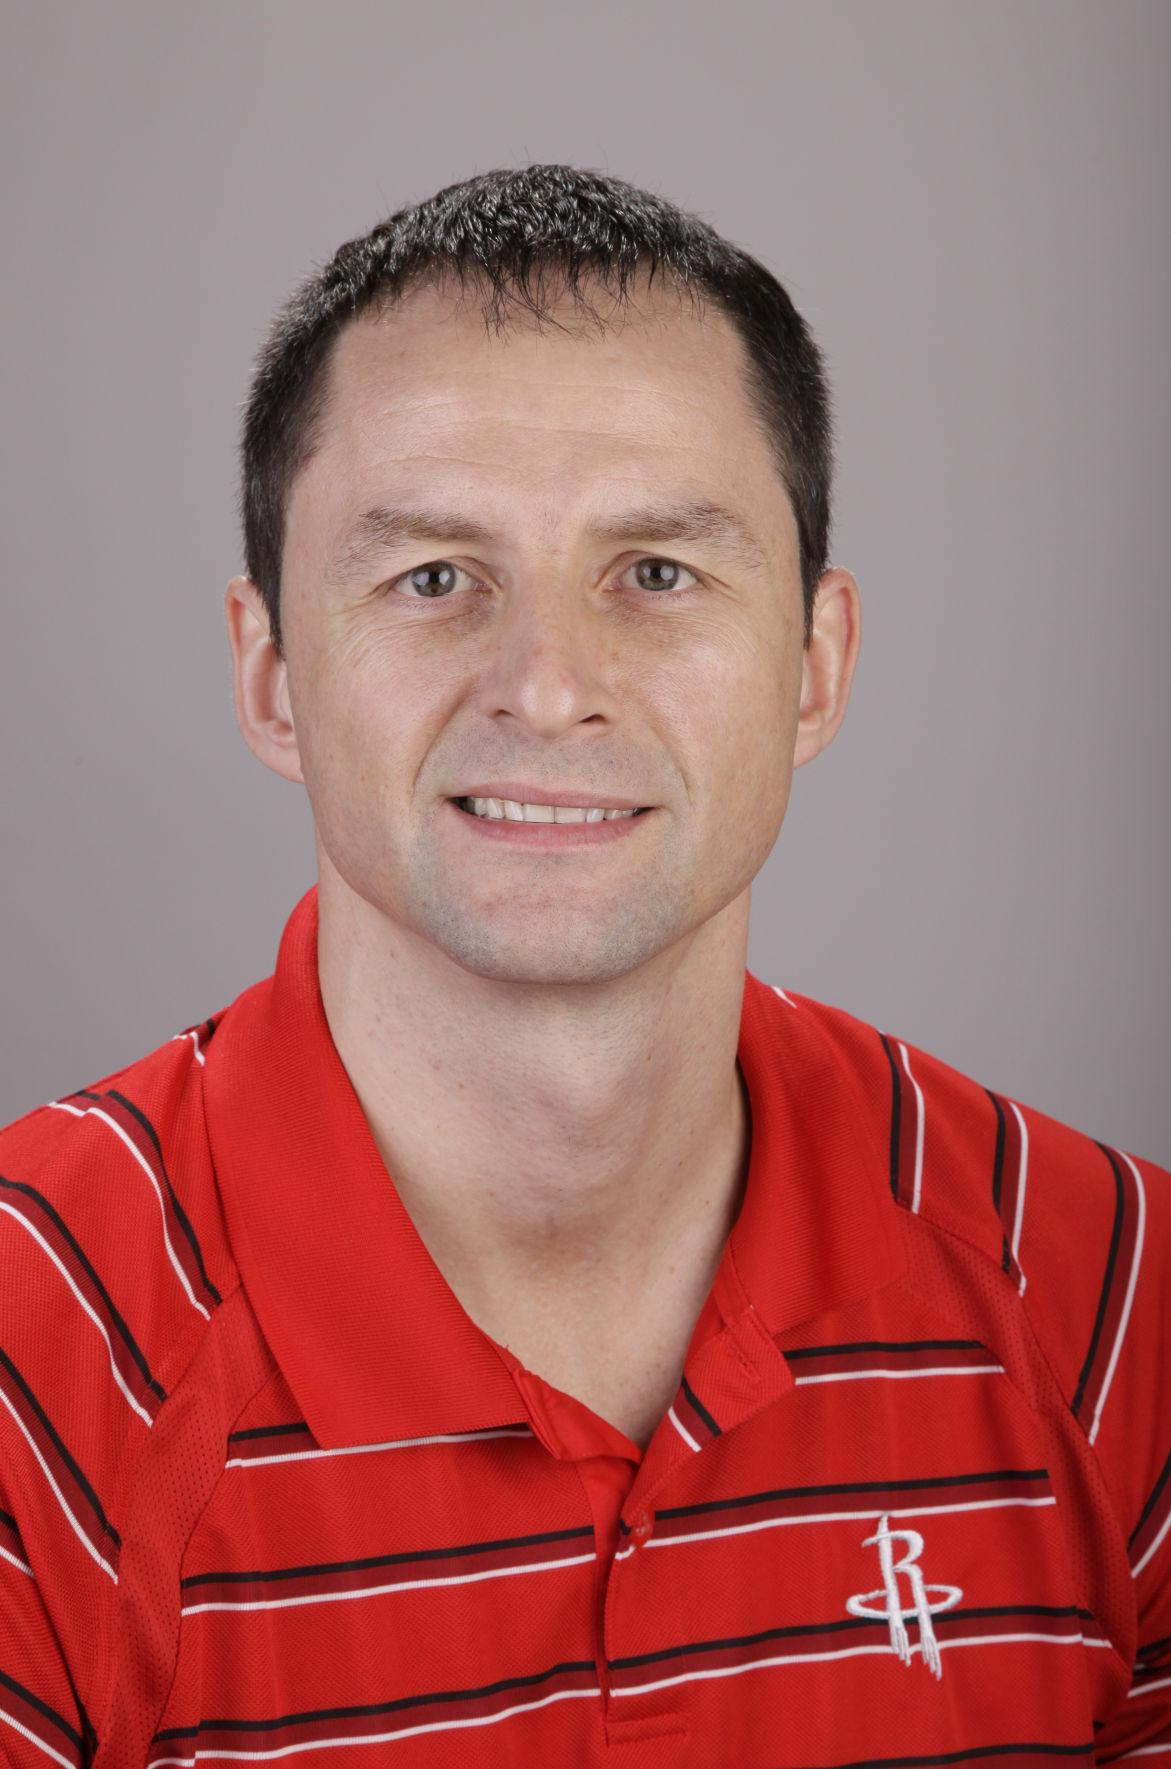 Bulls Karnisovas Basketball